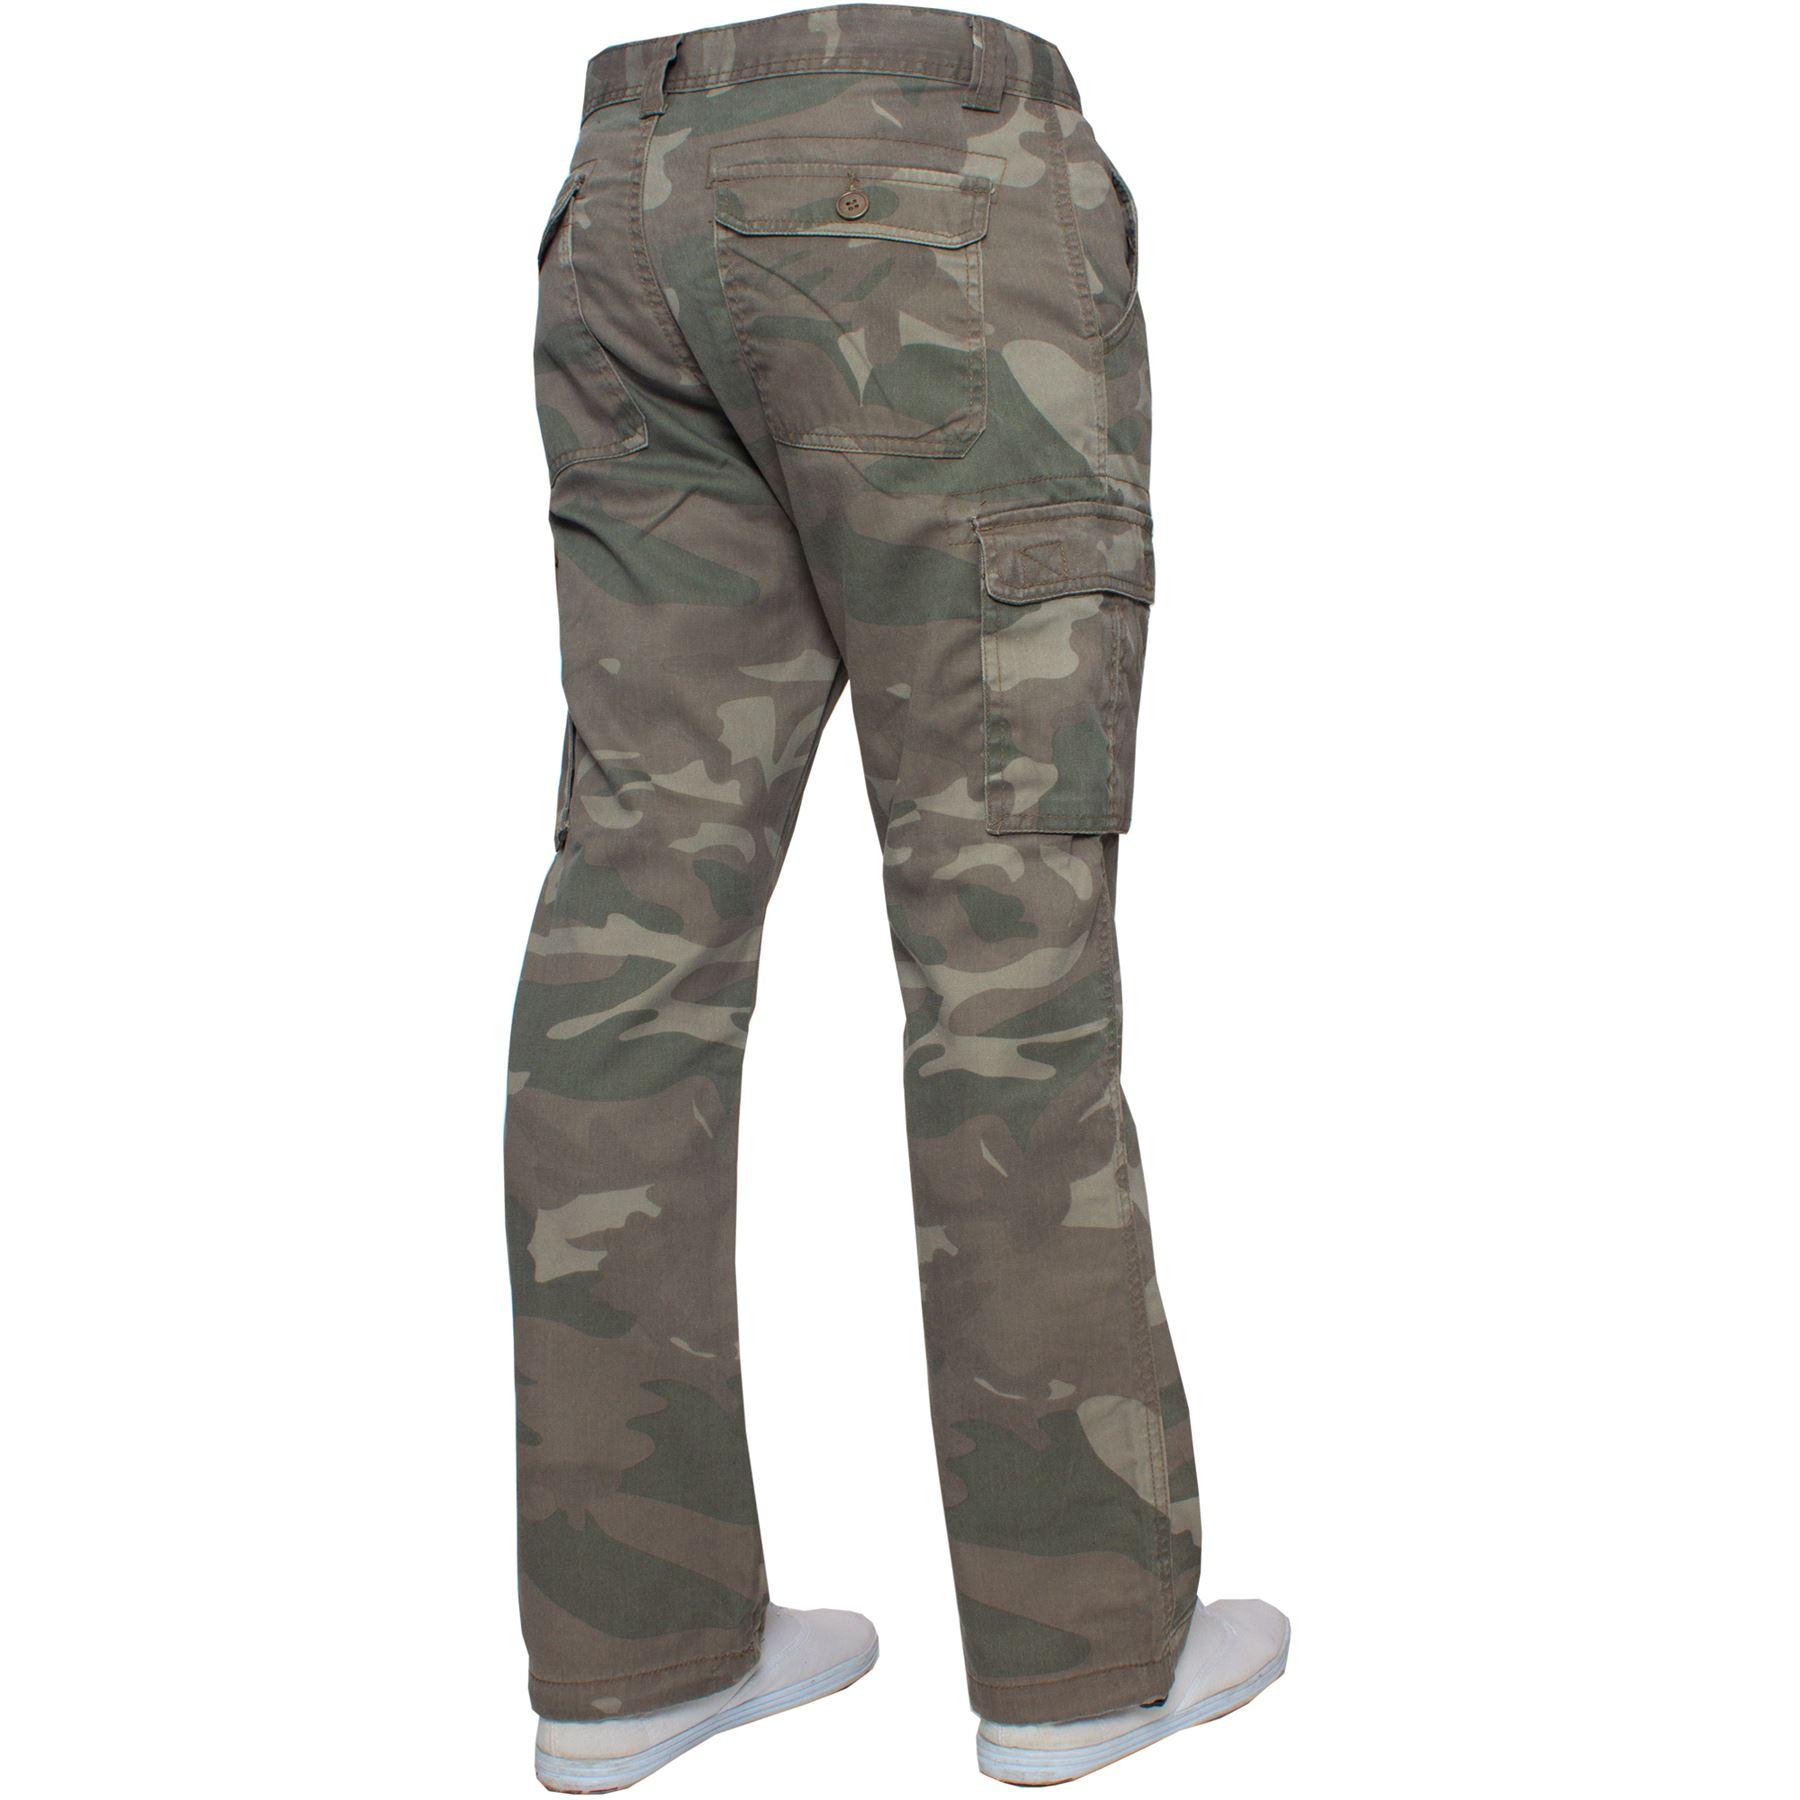 Kruze-Uomo-Militare-Pantaloni-Camouflage-Cargo-Mimetico-Casual-Lavoro miniatura 26